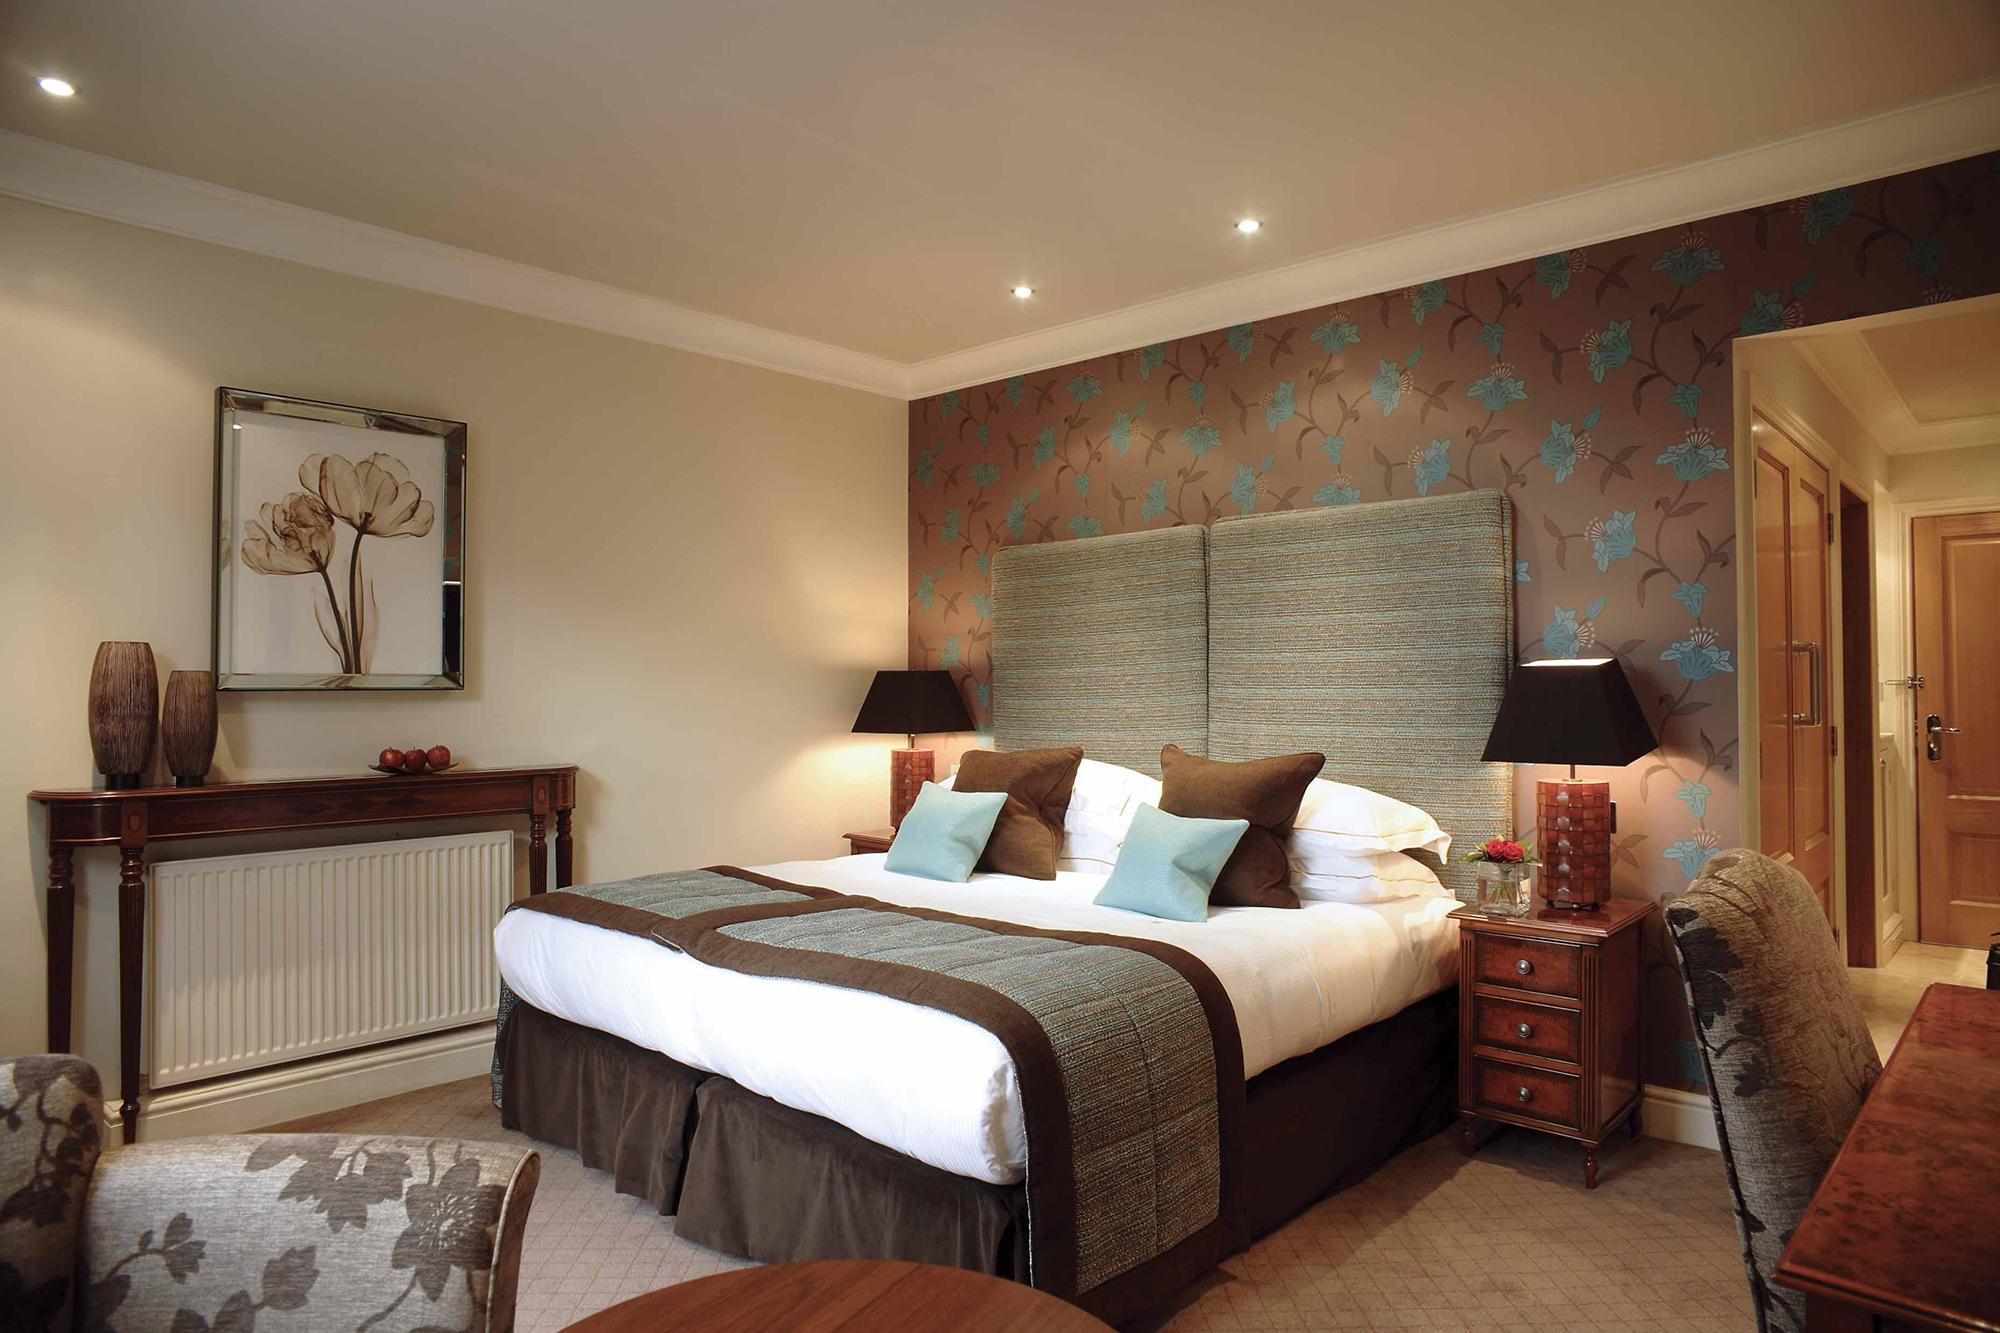 Кремовая и коричнево-синяя стены в спальне